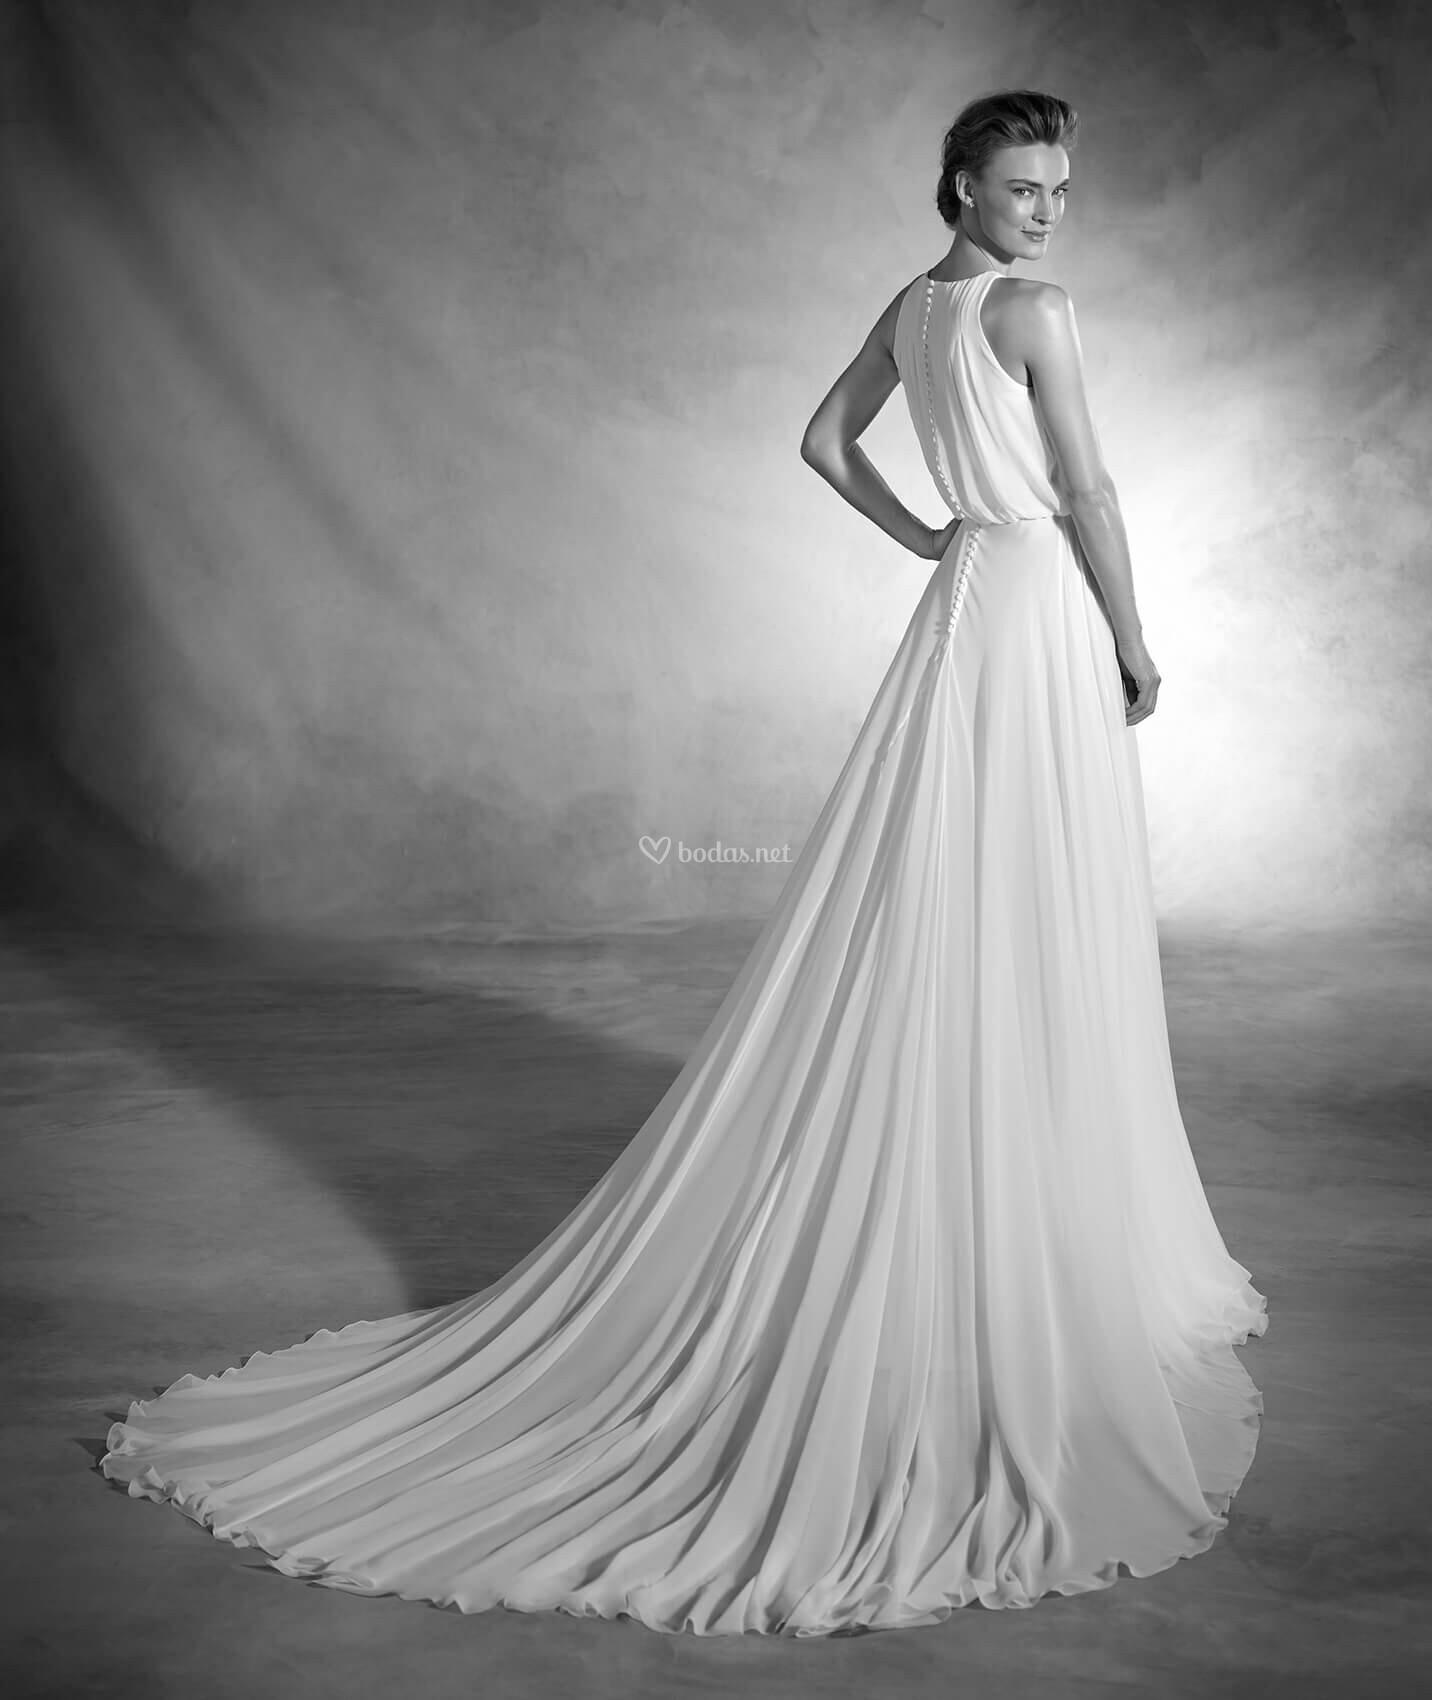 Vestidos de novia noa